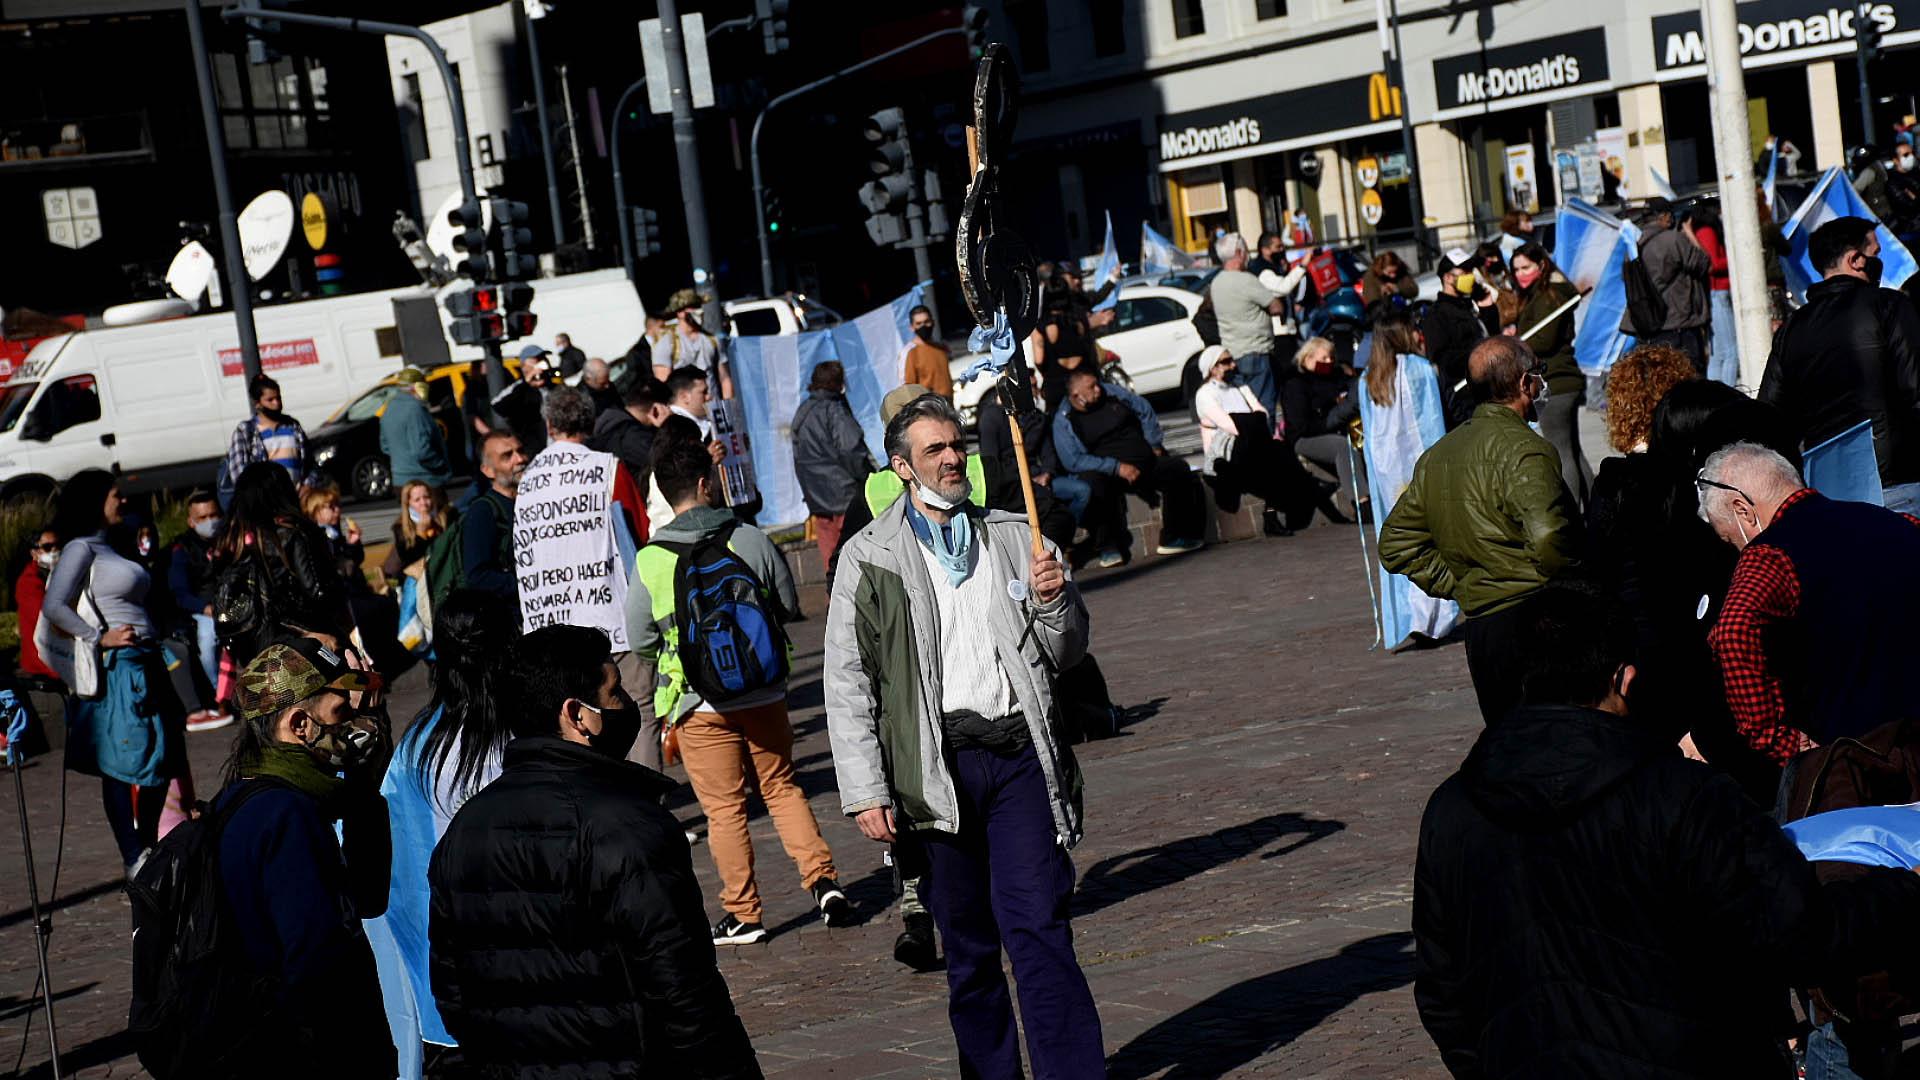 Aunque muchos de los manifestantes de a pie se propusieron cumplir con la distancia social, lo cierto es varios llevaban mal puesto el barbijo.